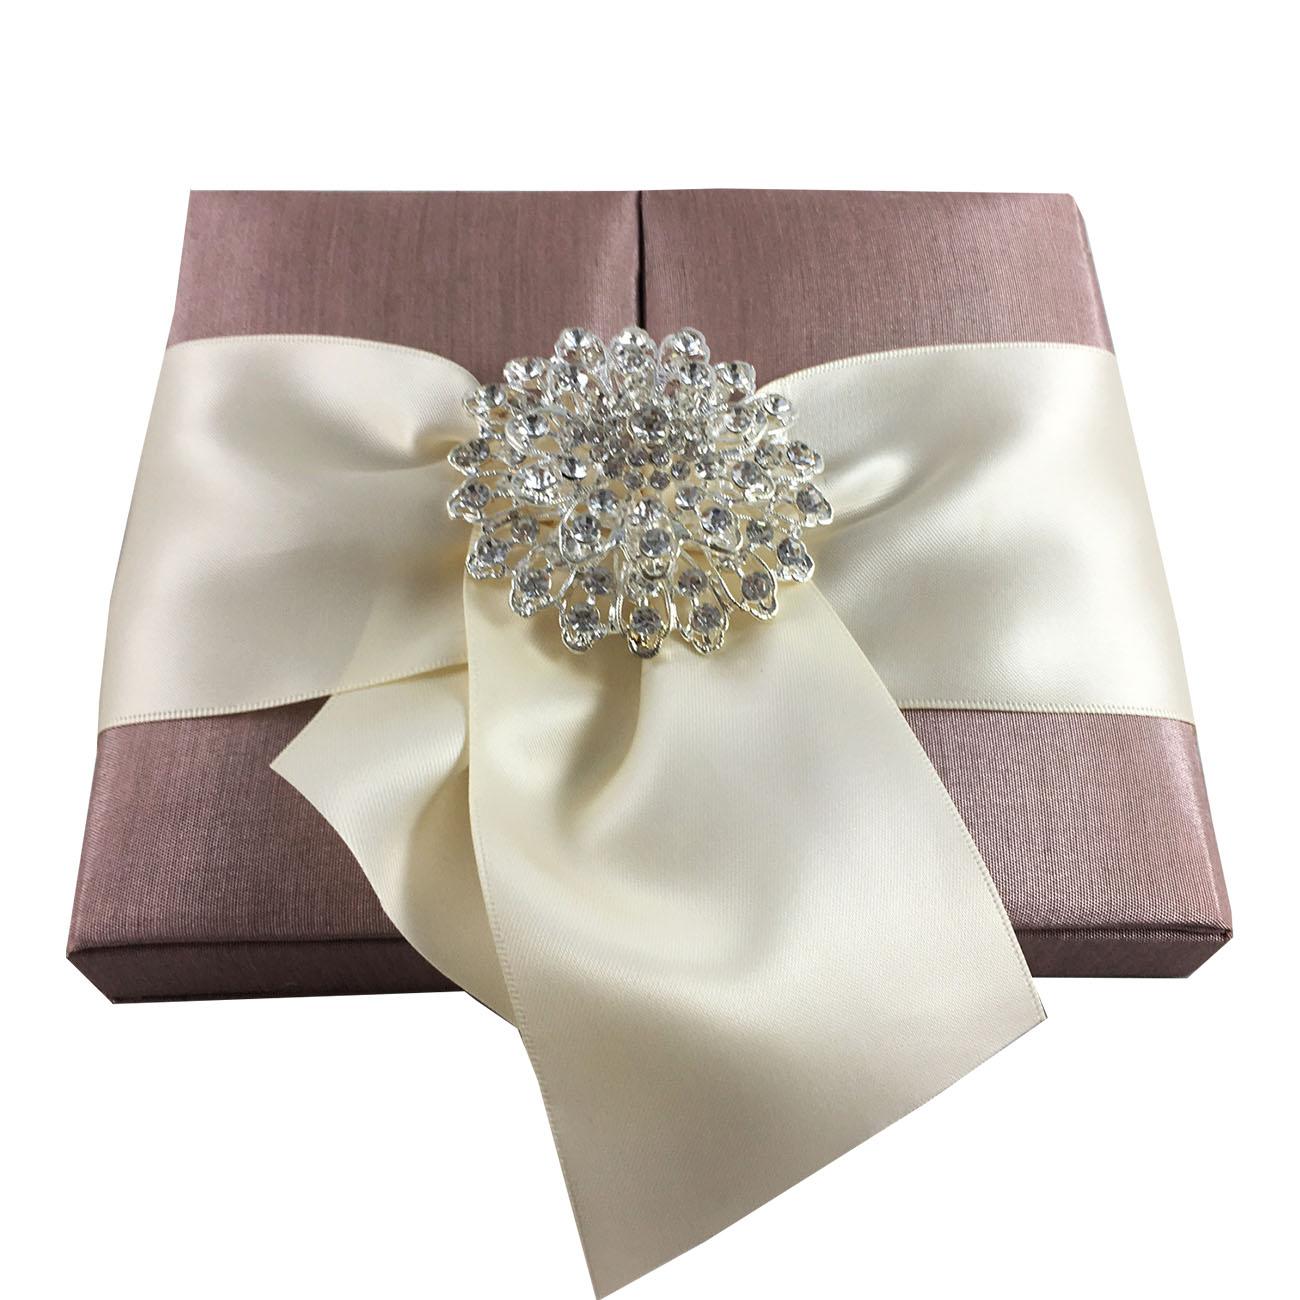 Pale Brown Wedding Box With Big Rhinestone Brooch - Luxury Wedding ...